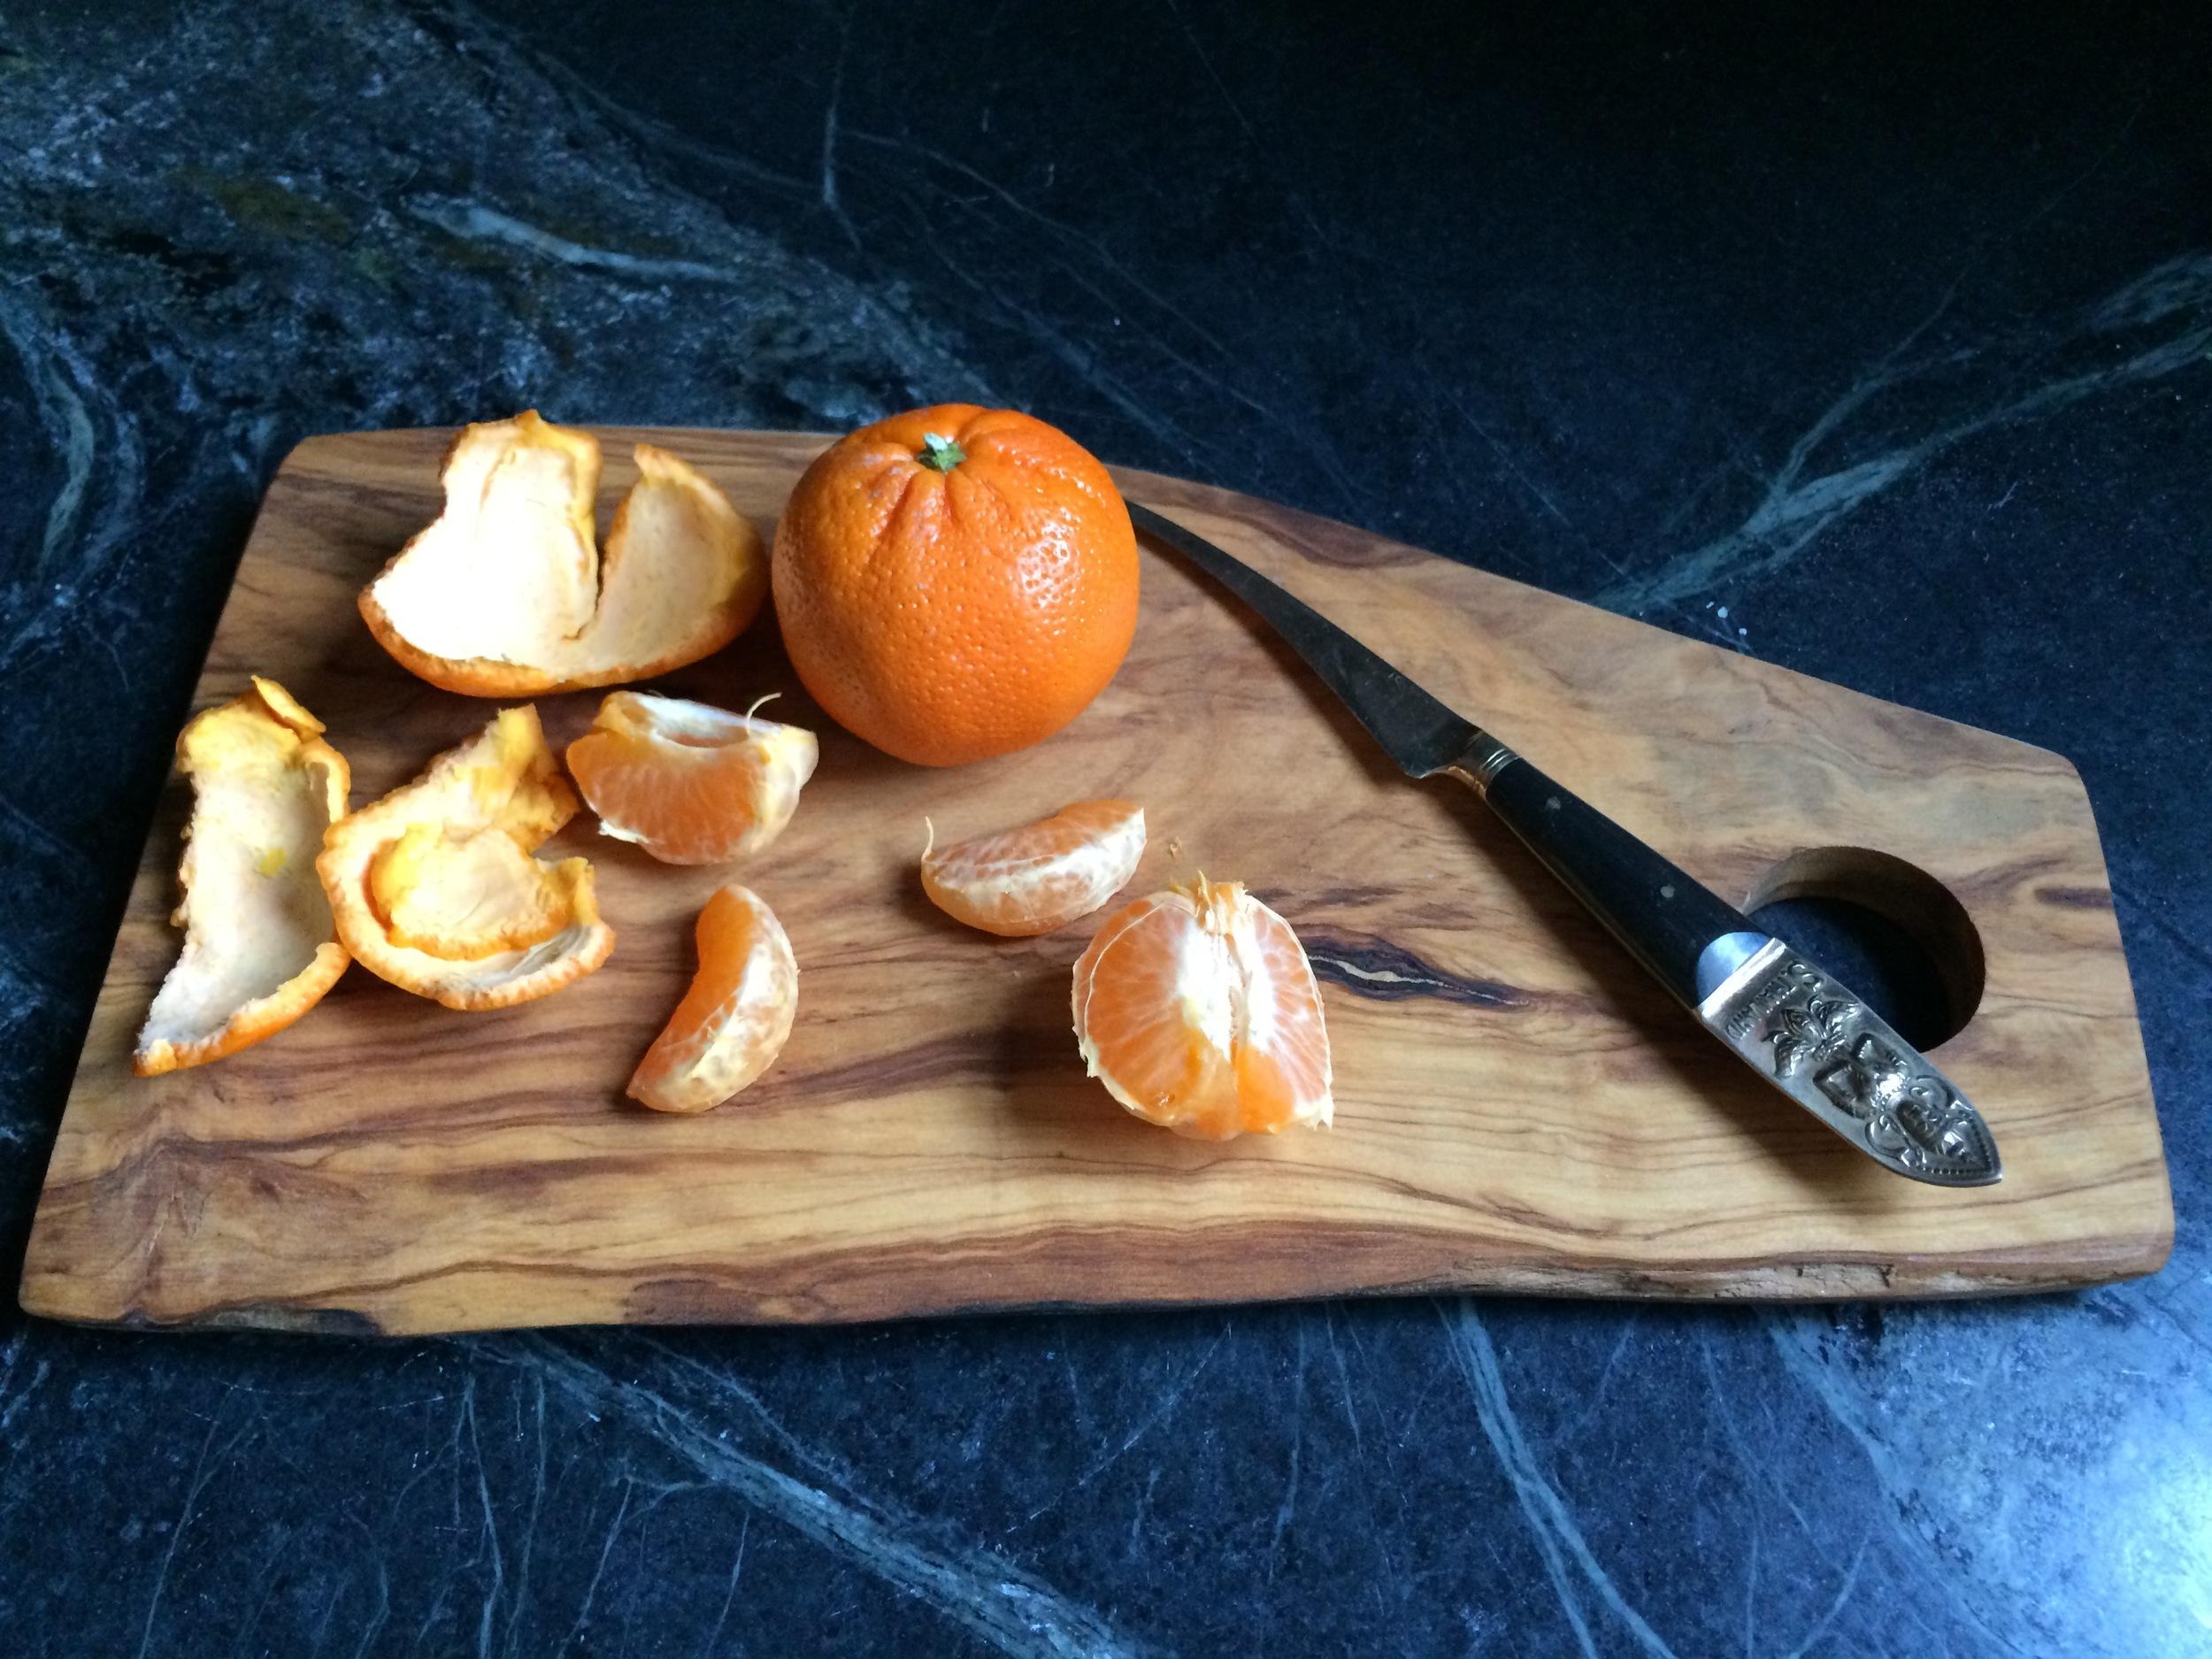 Fruit knife